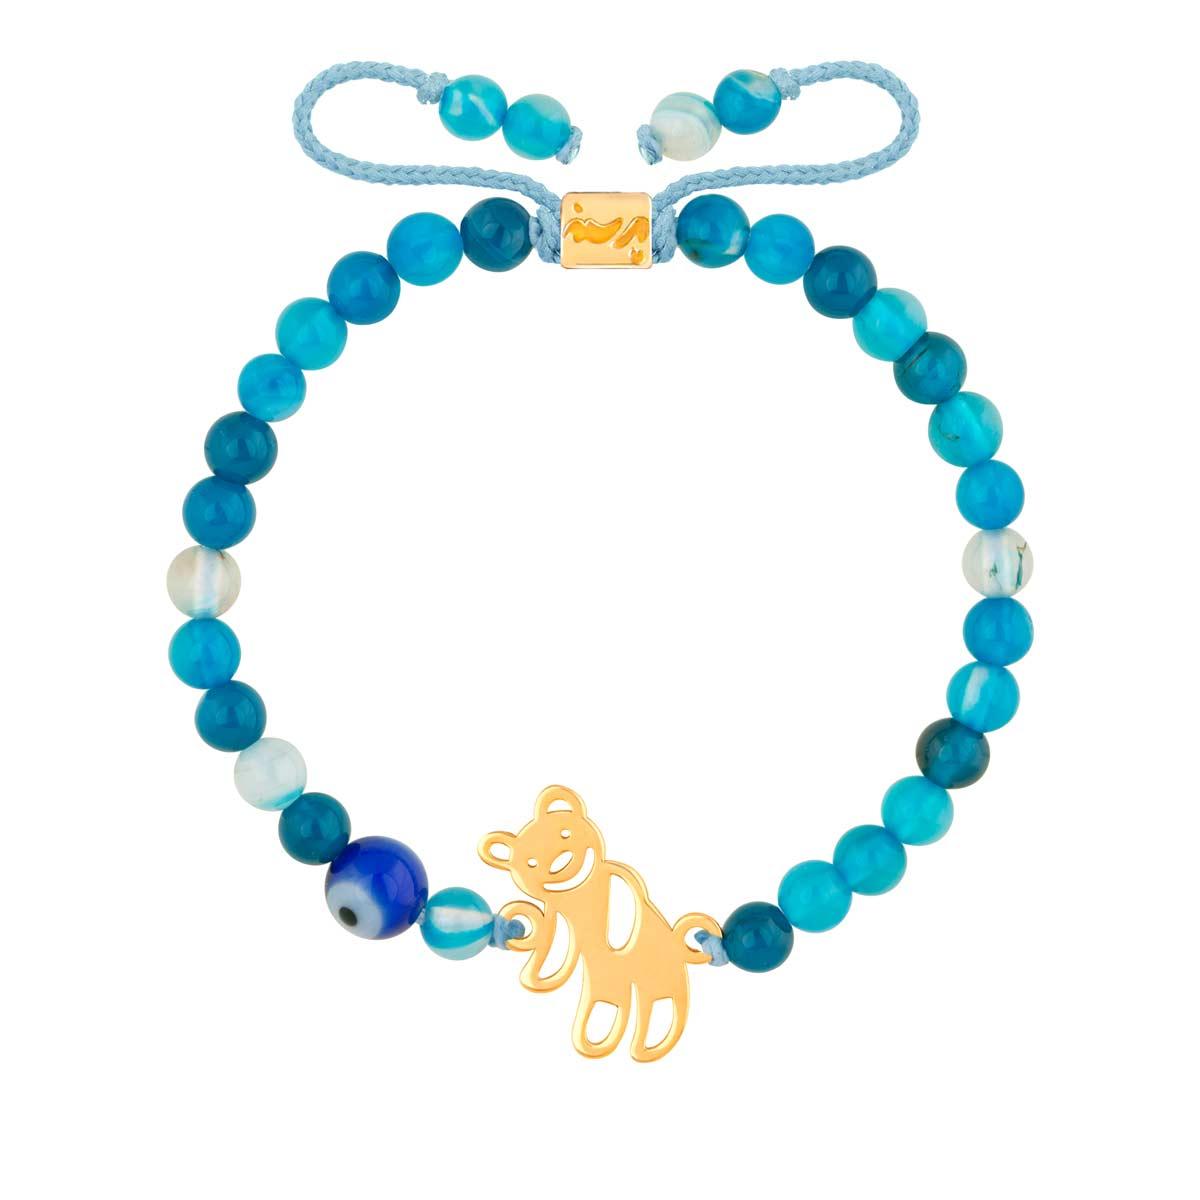 دستبند طلا بچه گانه سنگی TEDDY و جید آبی